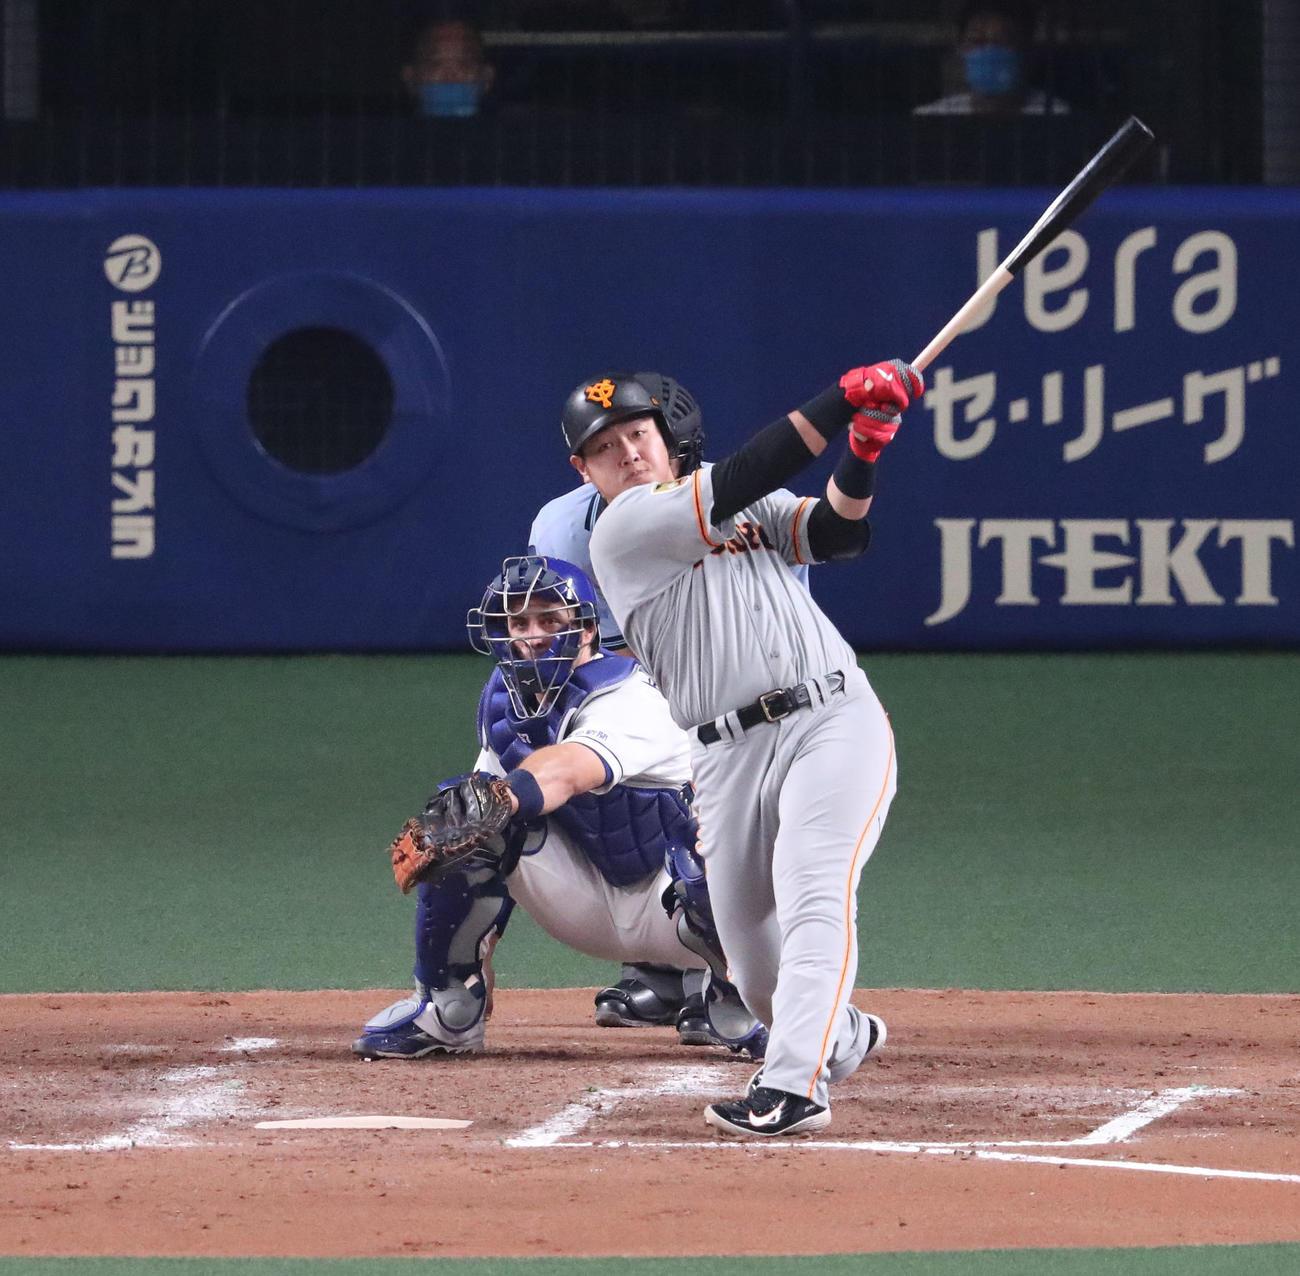 中日対巨人 4回表巨人1死、先制中越え本塁打を放つ岡本和真(撮影・白石智彦)